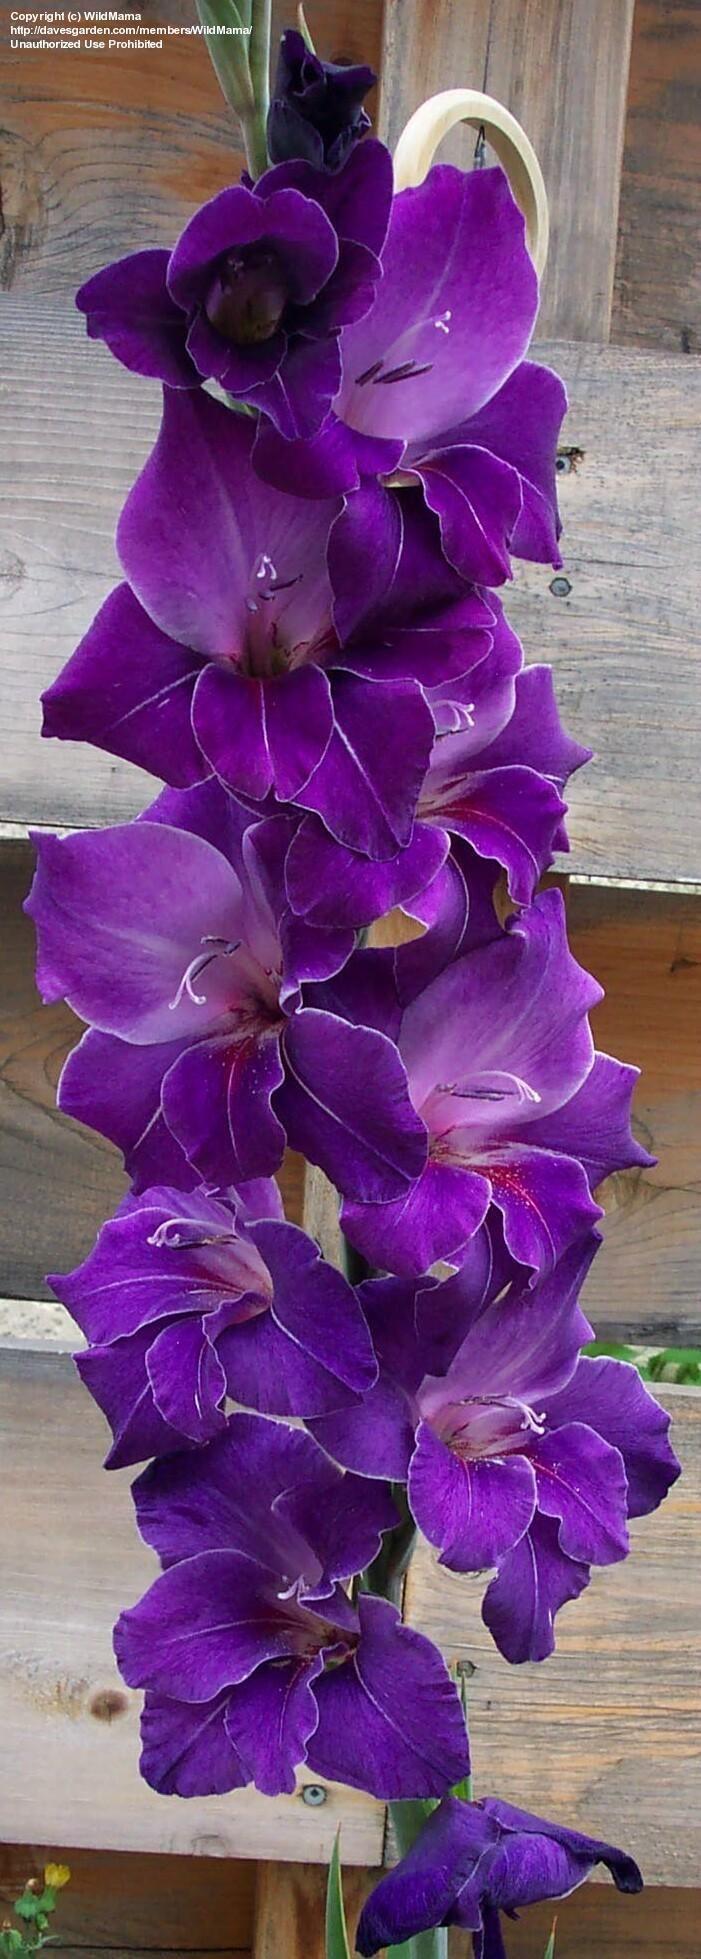 Full size picture of Gladiolus 'Violetta' flores - Blog Pitacos e Achados - Acesse: https://pitacoseachados.wordpress.com – https://www.facebook.com/pitacoseachados – https://plus.google.com/+PitacosAchados-dicas-e-pitacos https://www.h2h.com.br/conselheirapitacosachados #pitacoseachados